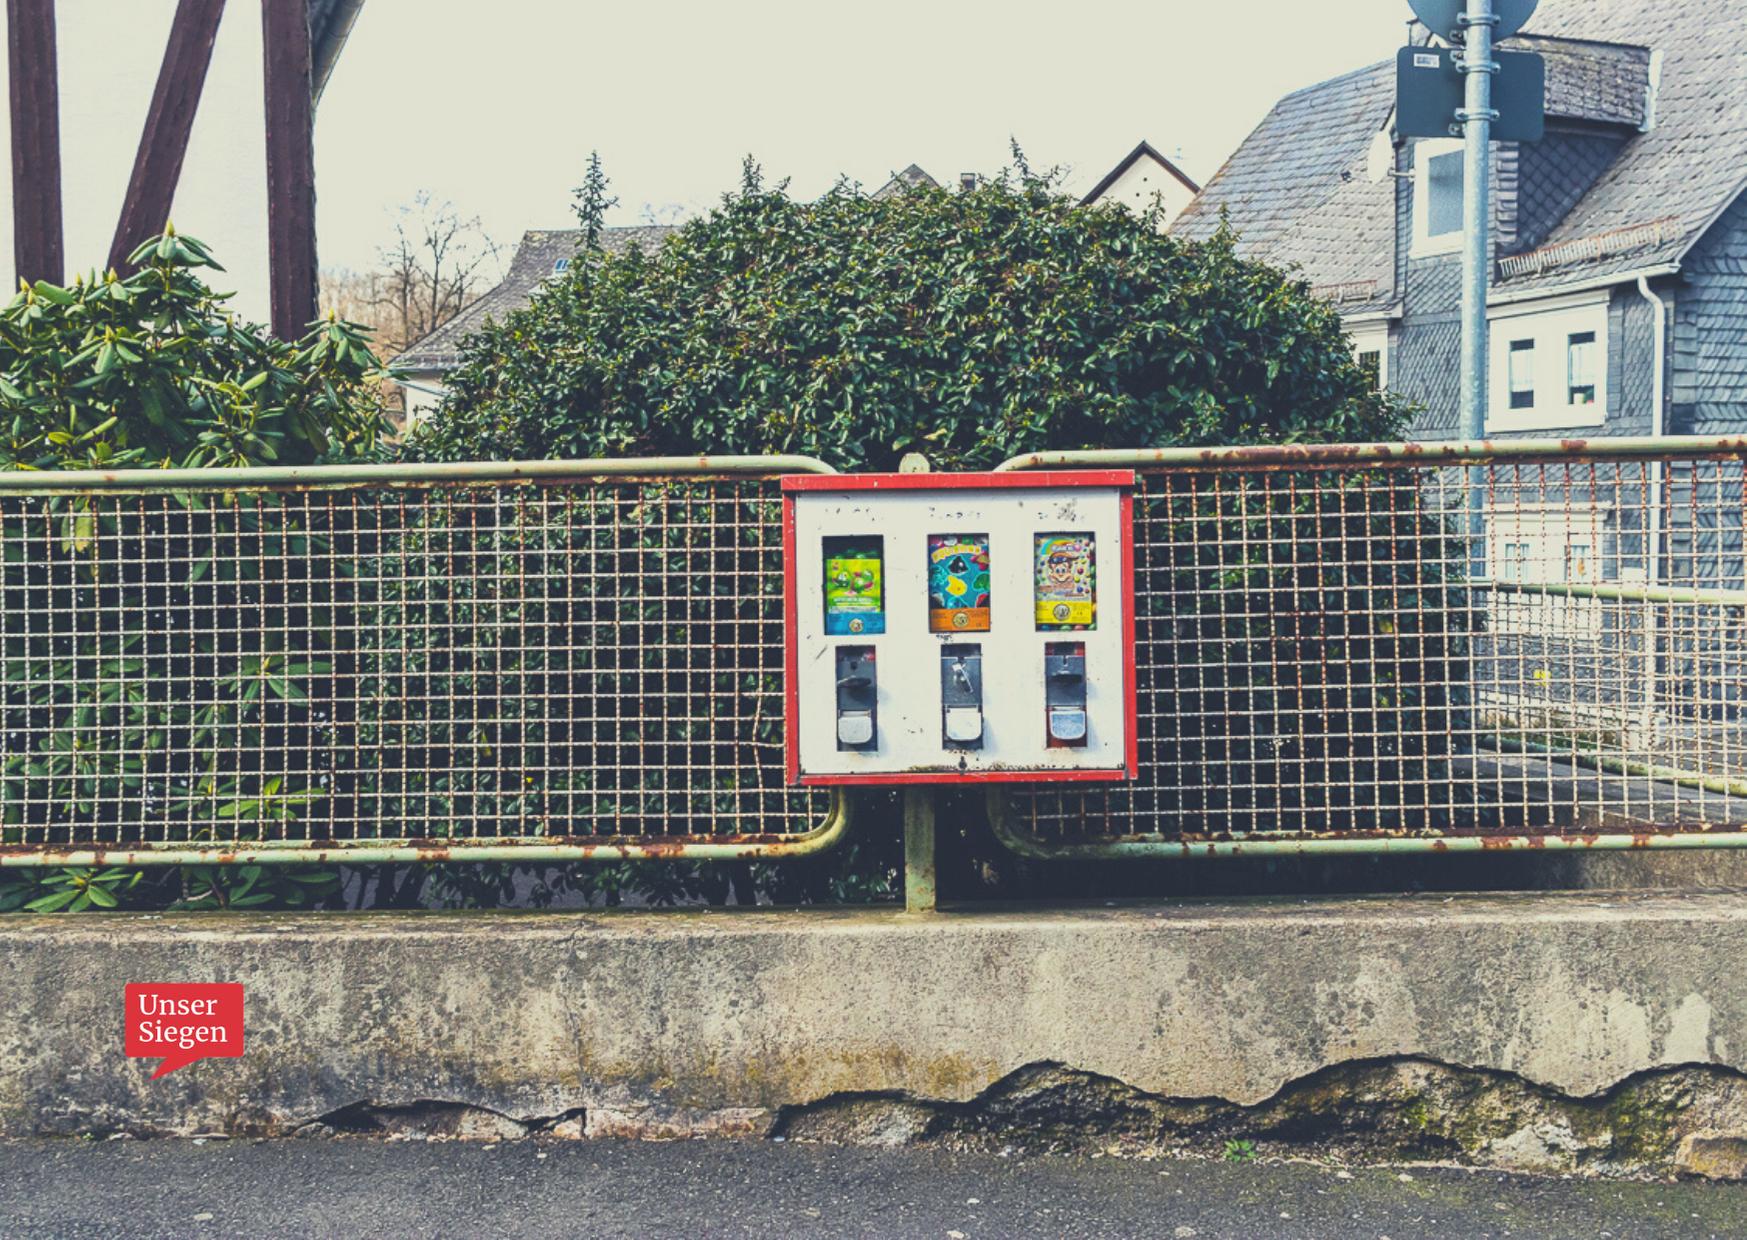 Ein roter Kaugummiautomat am Zaun, im Hintergrund ein typisches Siegerländer Fachwerkhaus. Mit freundlicher Genehmigung von Dr. Michael Meinhard.